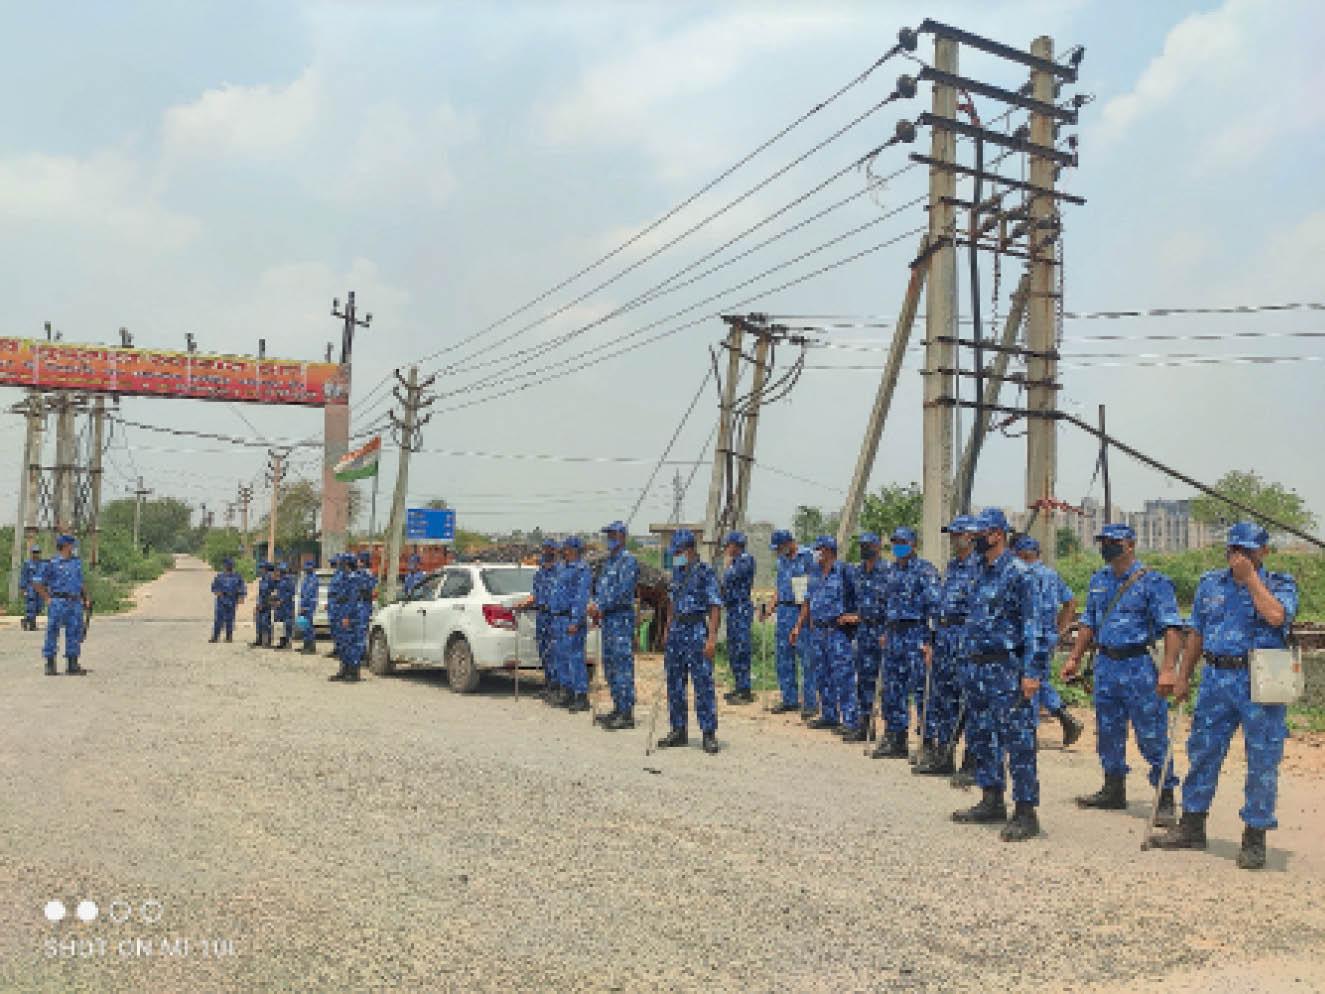 कसार गांव के मुख्य द्वार पर तैनात सुरक्षा बल